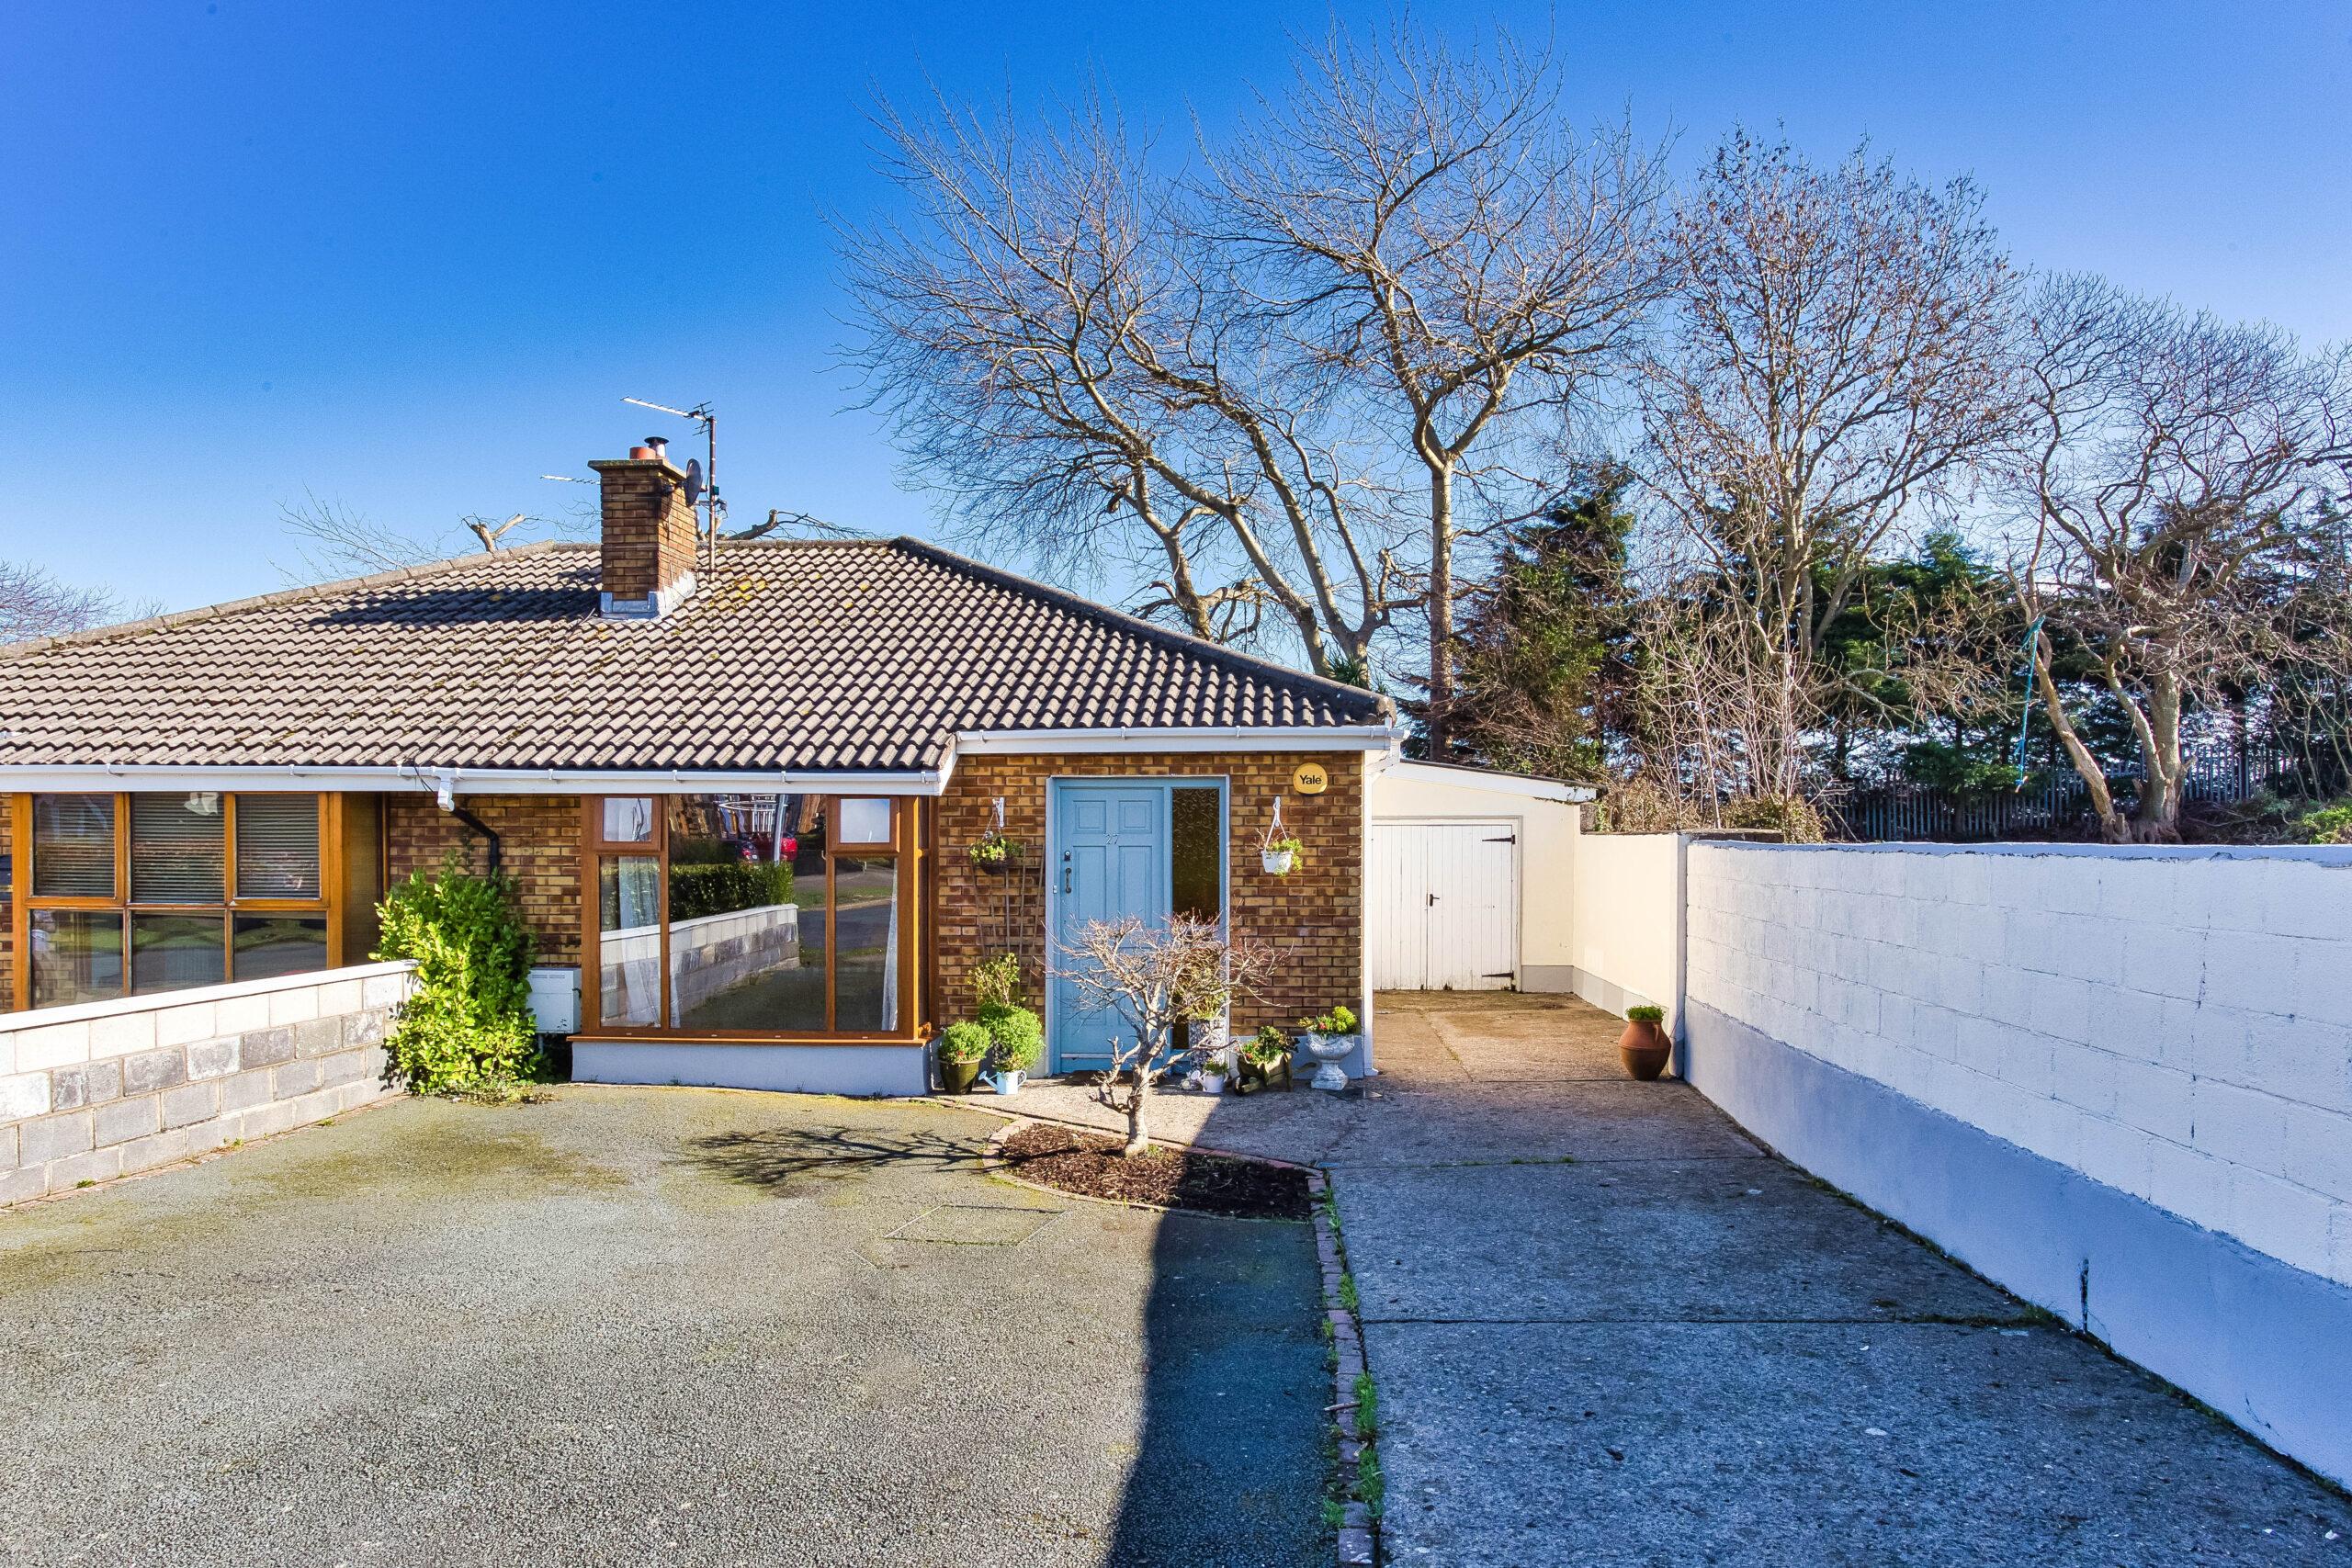 27 Garden Village Drive, Kilpedder, Co Wicklow